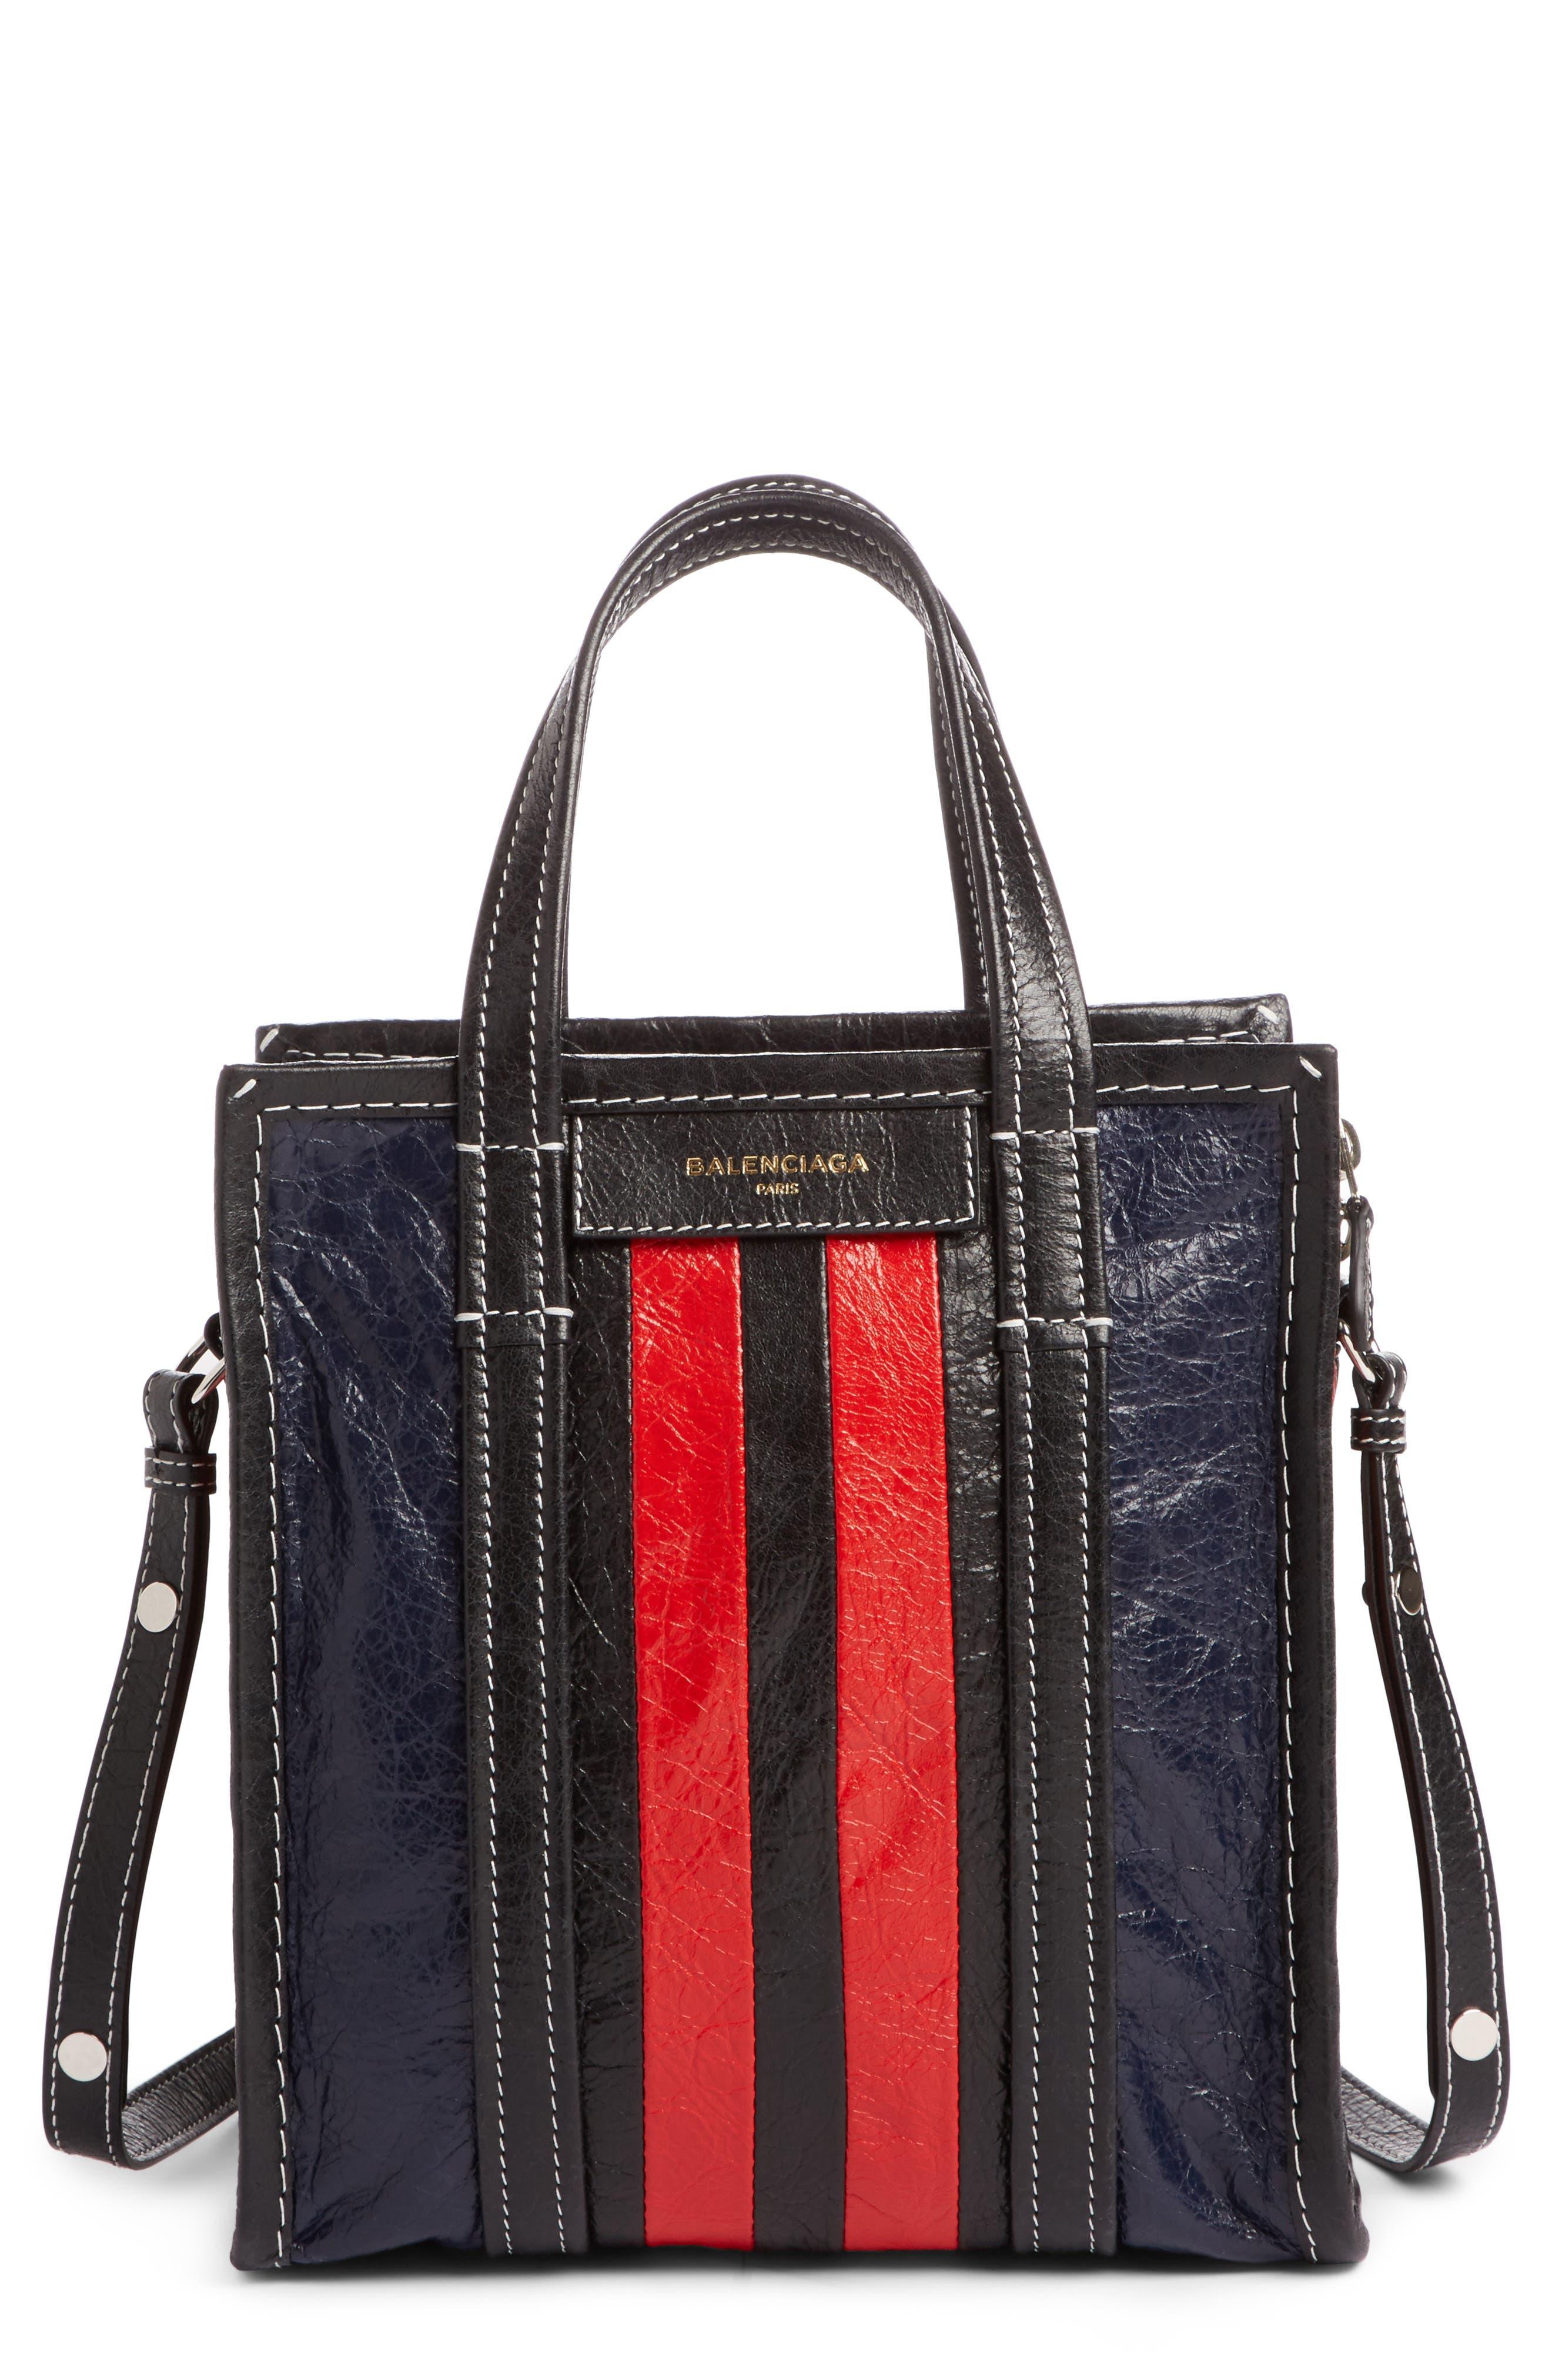 Small Bazar Leather Shopper,                             Main thumbnail 1, color,                             Bleu Mar/ Rouge/ Noir